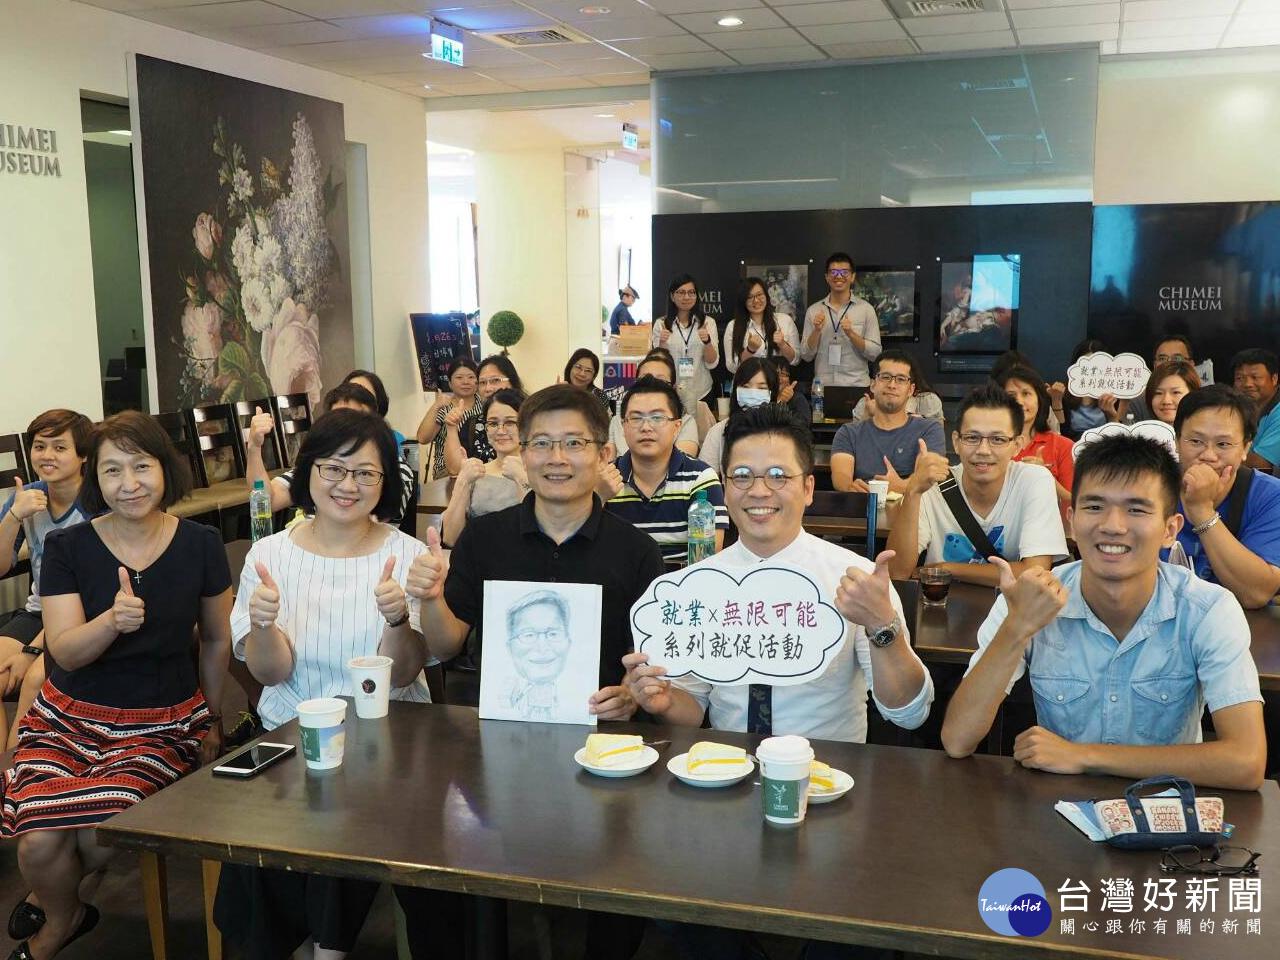 人生不設限 翁漢騰教授黑板畫玩創意